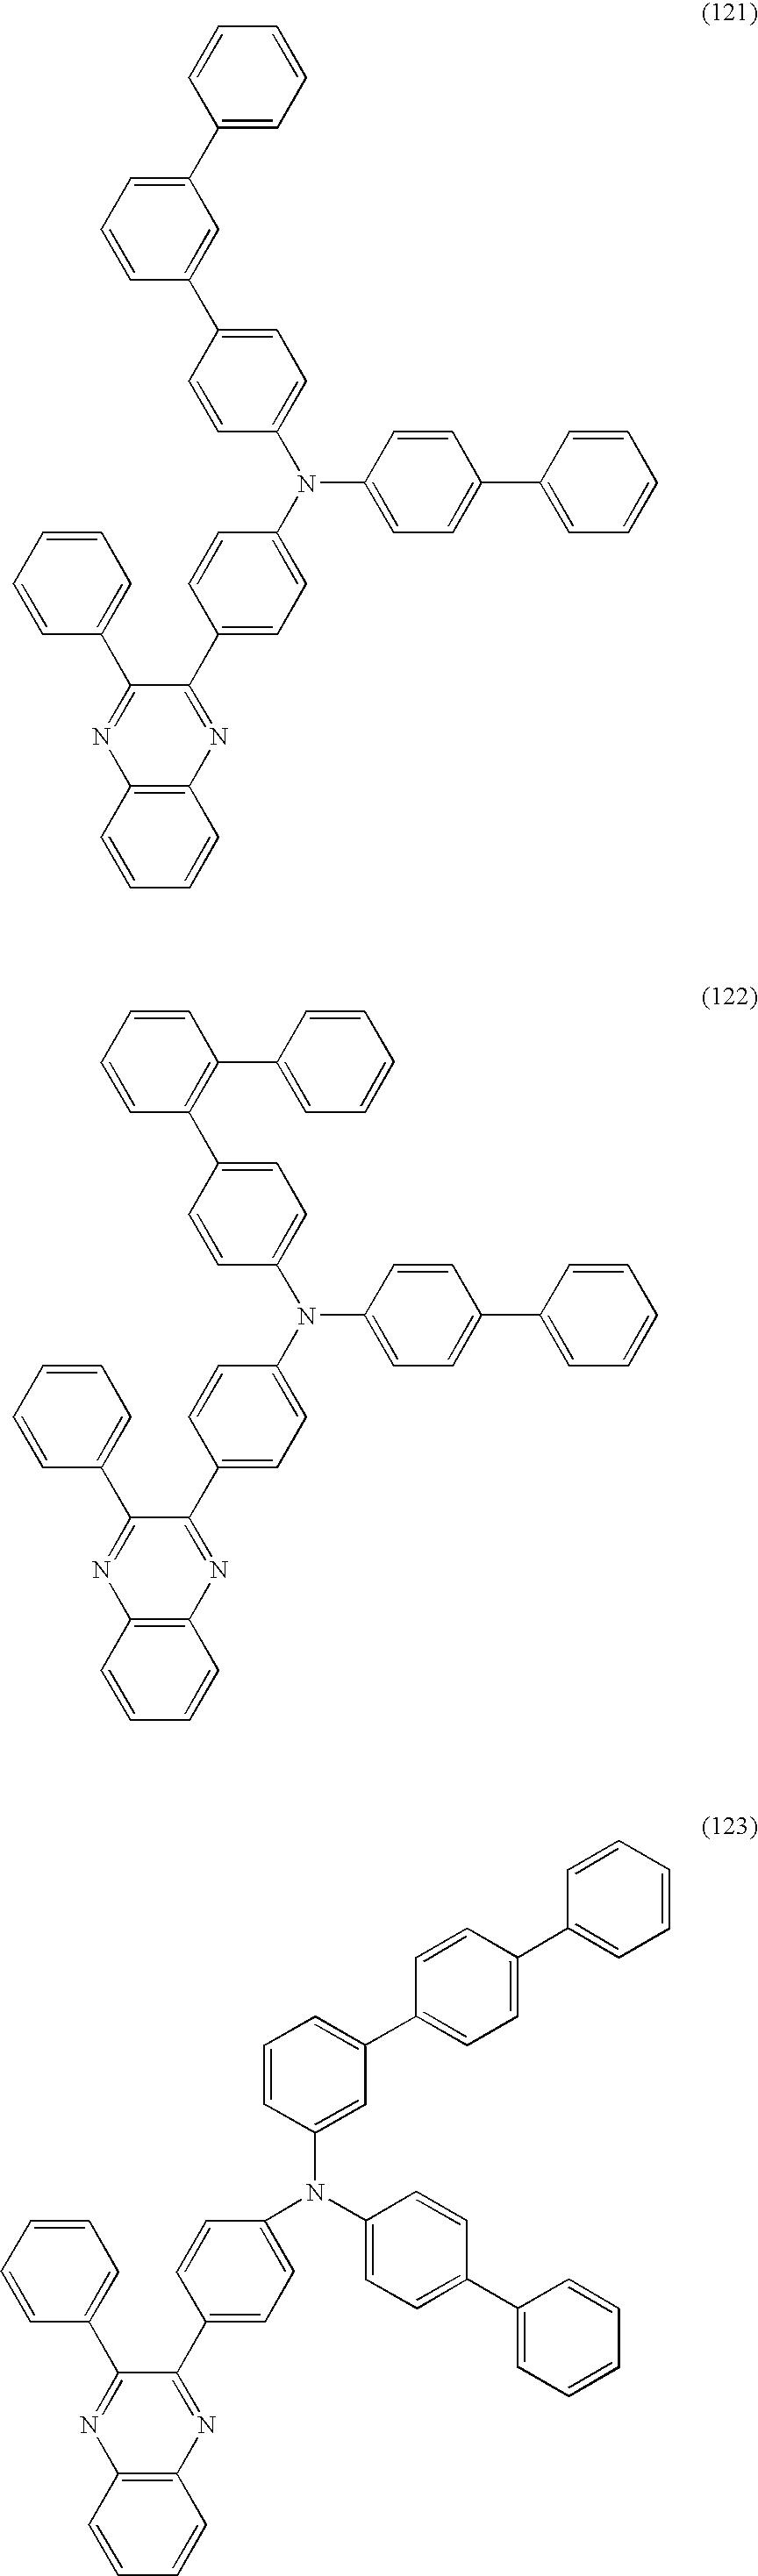 Figure US08178216-20120515-C00043